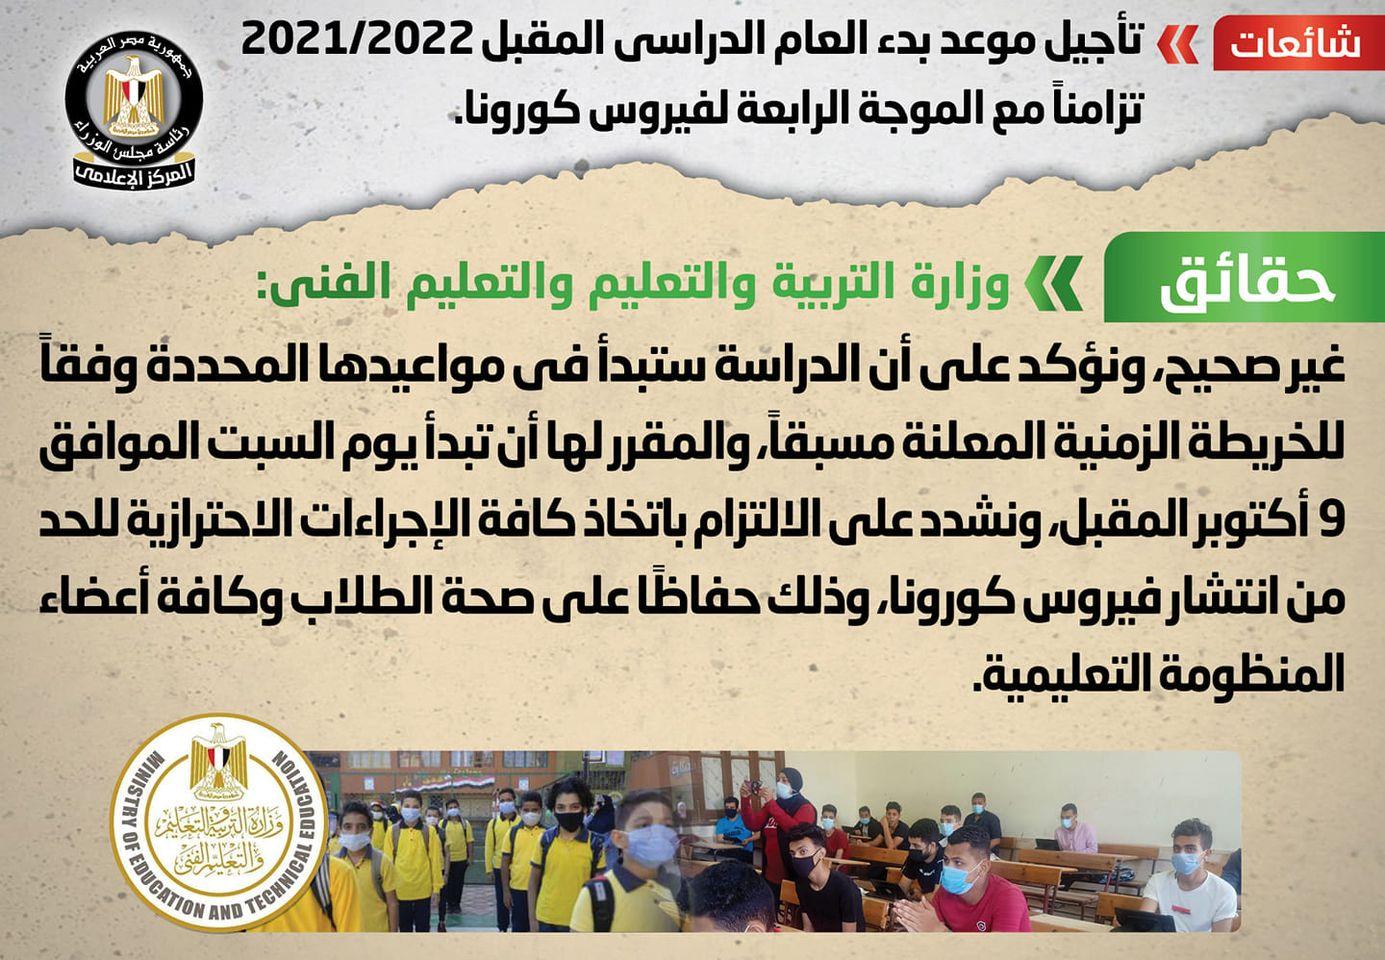 محافظ القاهرة يعتمد نتيجة امتحانات الدور الثاني للشهادة الإعدادية